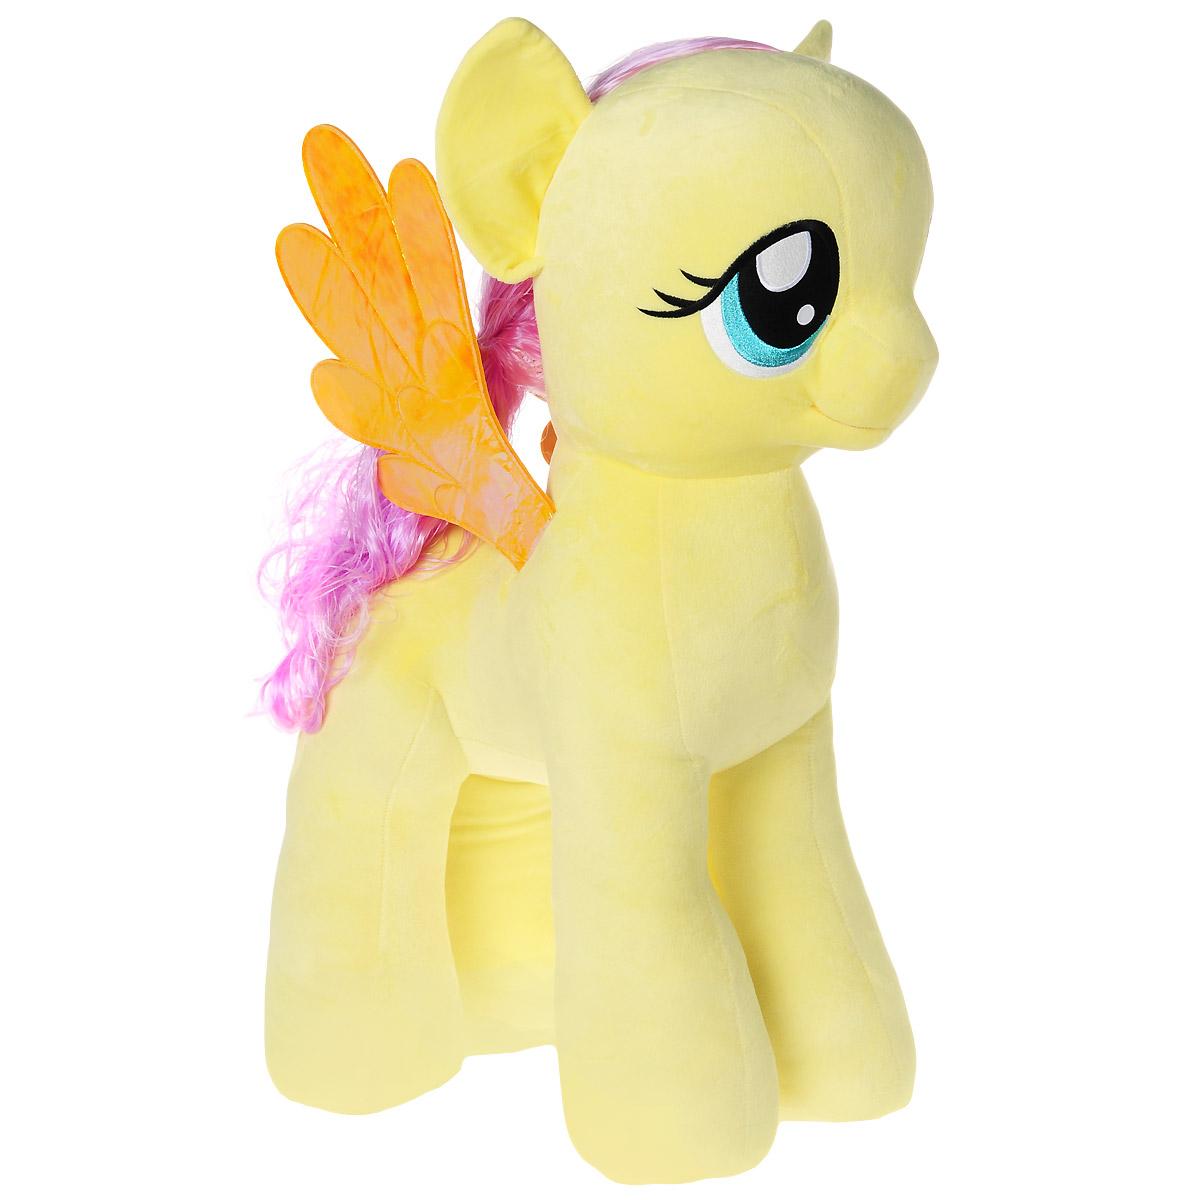 My Little Pony Мягкая игрушка Пони Fluttershy, 68 см90214Мягкая игрушка Fluttershy выполнена в виде очаровательной пони желтого цвета с длинным хвостом, гривой и волшебными переливающимися крылышками. Игрушка изготовлена из высококачественного текстильного материала с набивкой из синтепона. Грива и хвостик Флаттершай выполнены из мягкого текстиля, их можно заплетать и расчесывать. Игрушка имеет специальные уплотнения в ногах, что позволяет ей стоять самостоятельно, без опоры. Как и все игрушки серии Beanie Buddy, она изготовлена вручную, с любовью и вниманием к деталям. Флаттершай - очень нежная, робкая и застенчивая. А еще она - самая добрая лошадка в Понивилле! Она очень любит животных и умеет с ними разговаривать, а дома у нее живет целая компания забавных питомцев. Удивительно мягкая игрушка принесет радость и подарит своему обладателю мгновения нежных объятий и приятных воспоминаний. Великолепное качество исполнения делают эту игрушку чудесным подарком к любому празднику.